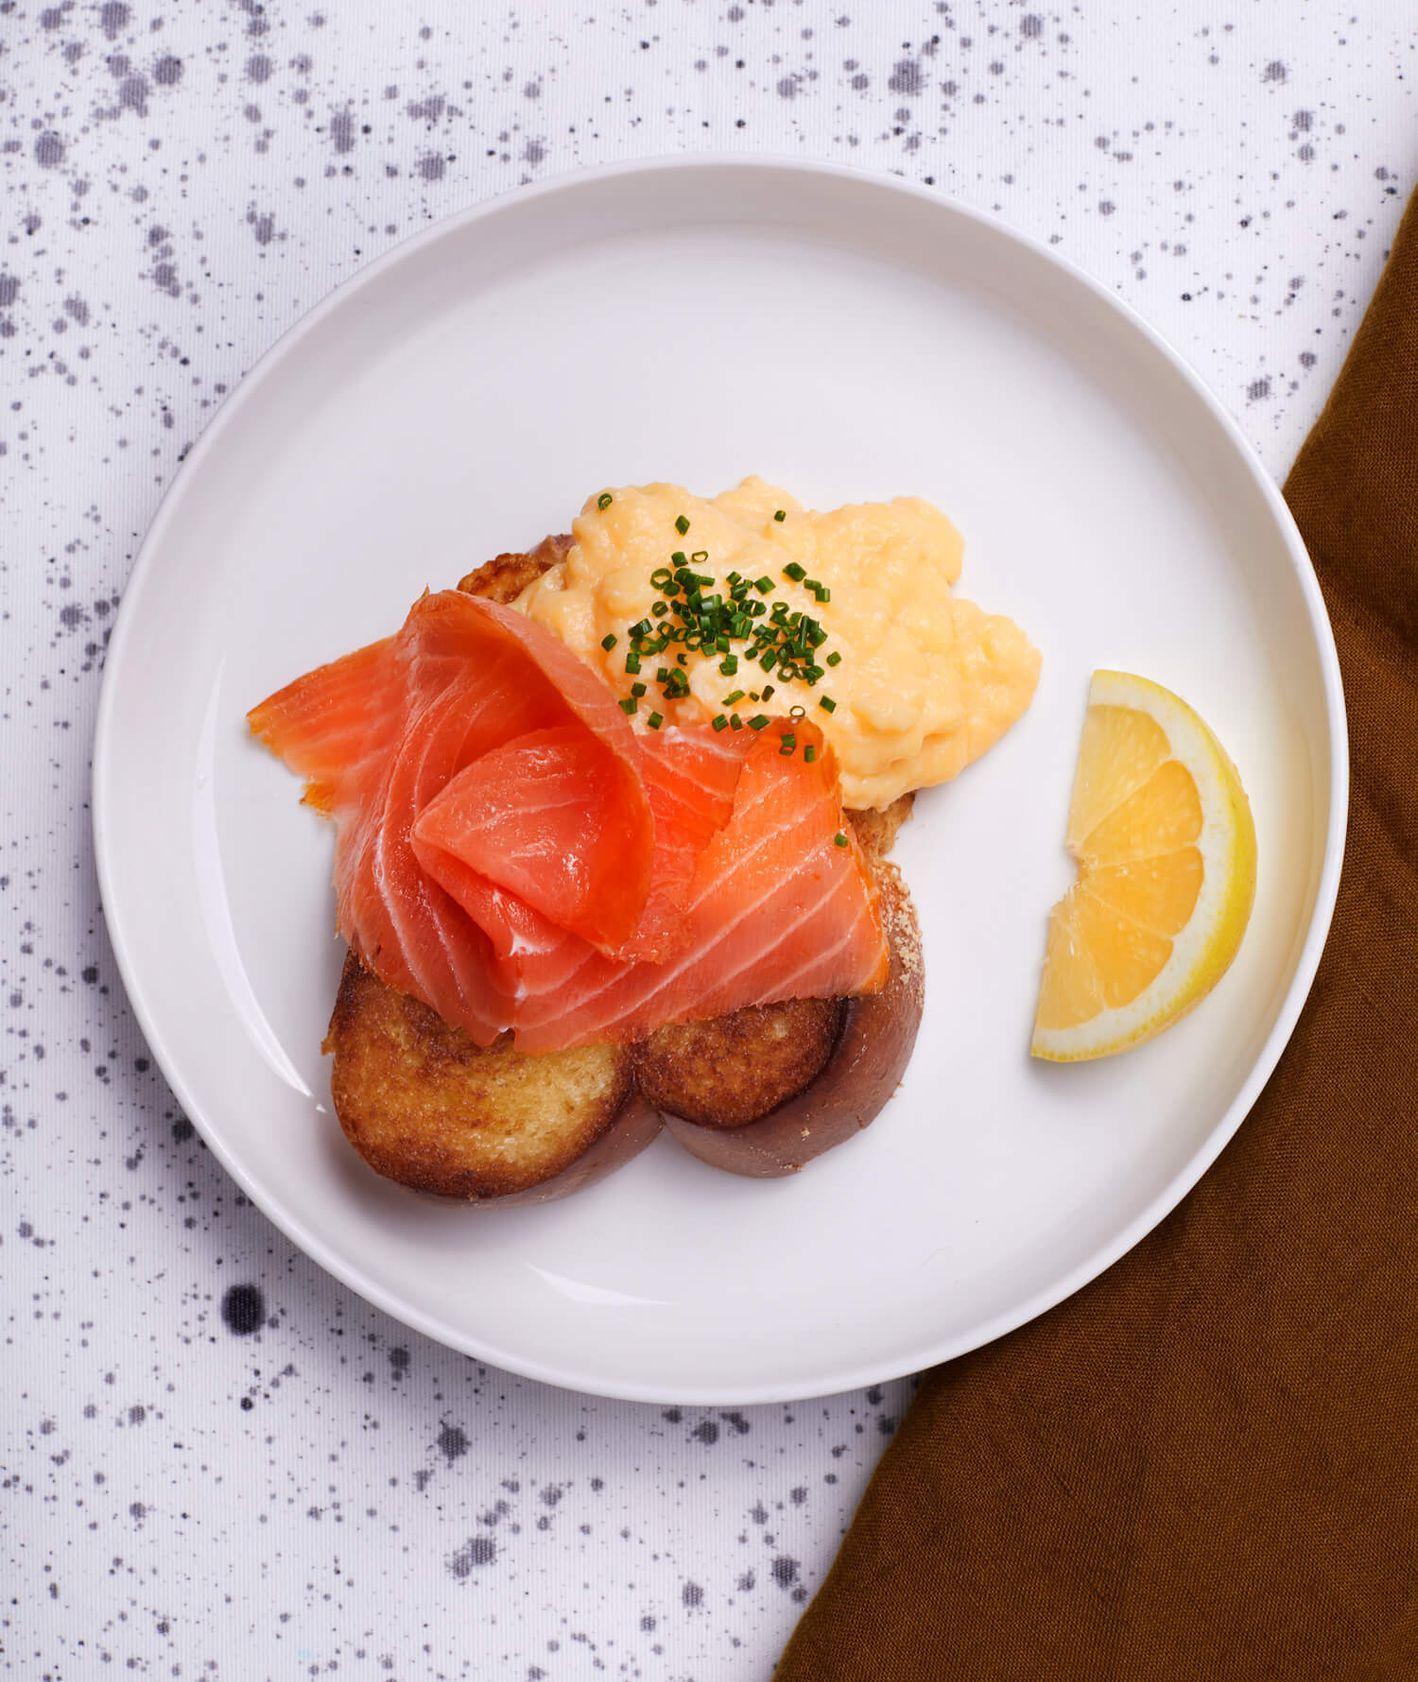 Jajecznica z cytryną i wędzonym łososiem na chałce